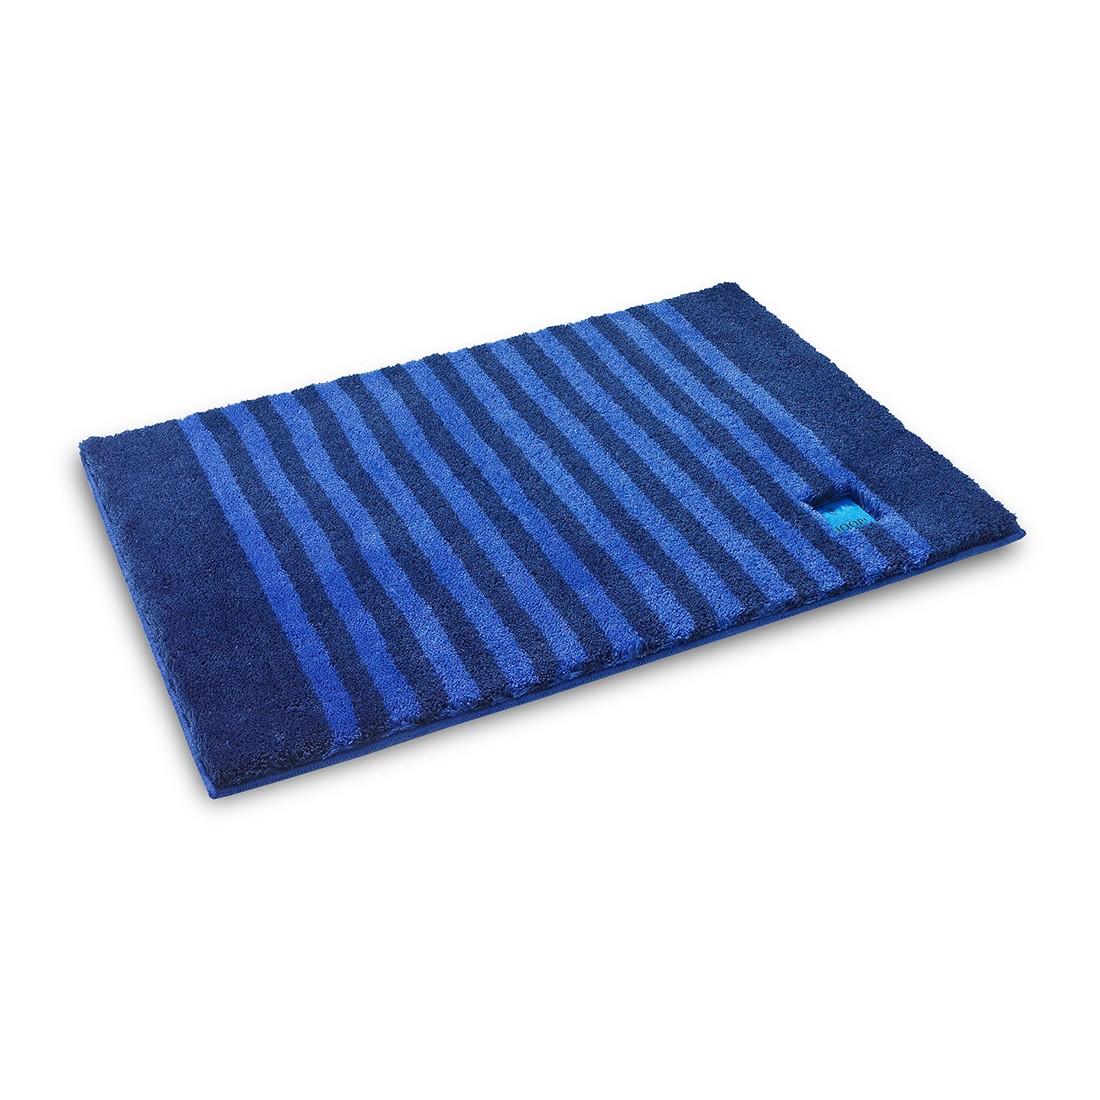 Badteppich Classic Stripes – 100% Polyacryl ultramarin – 331 – Abmessungen: 50 x 60 cm, Joop günstig online kaufen